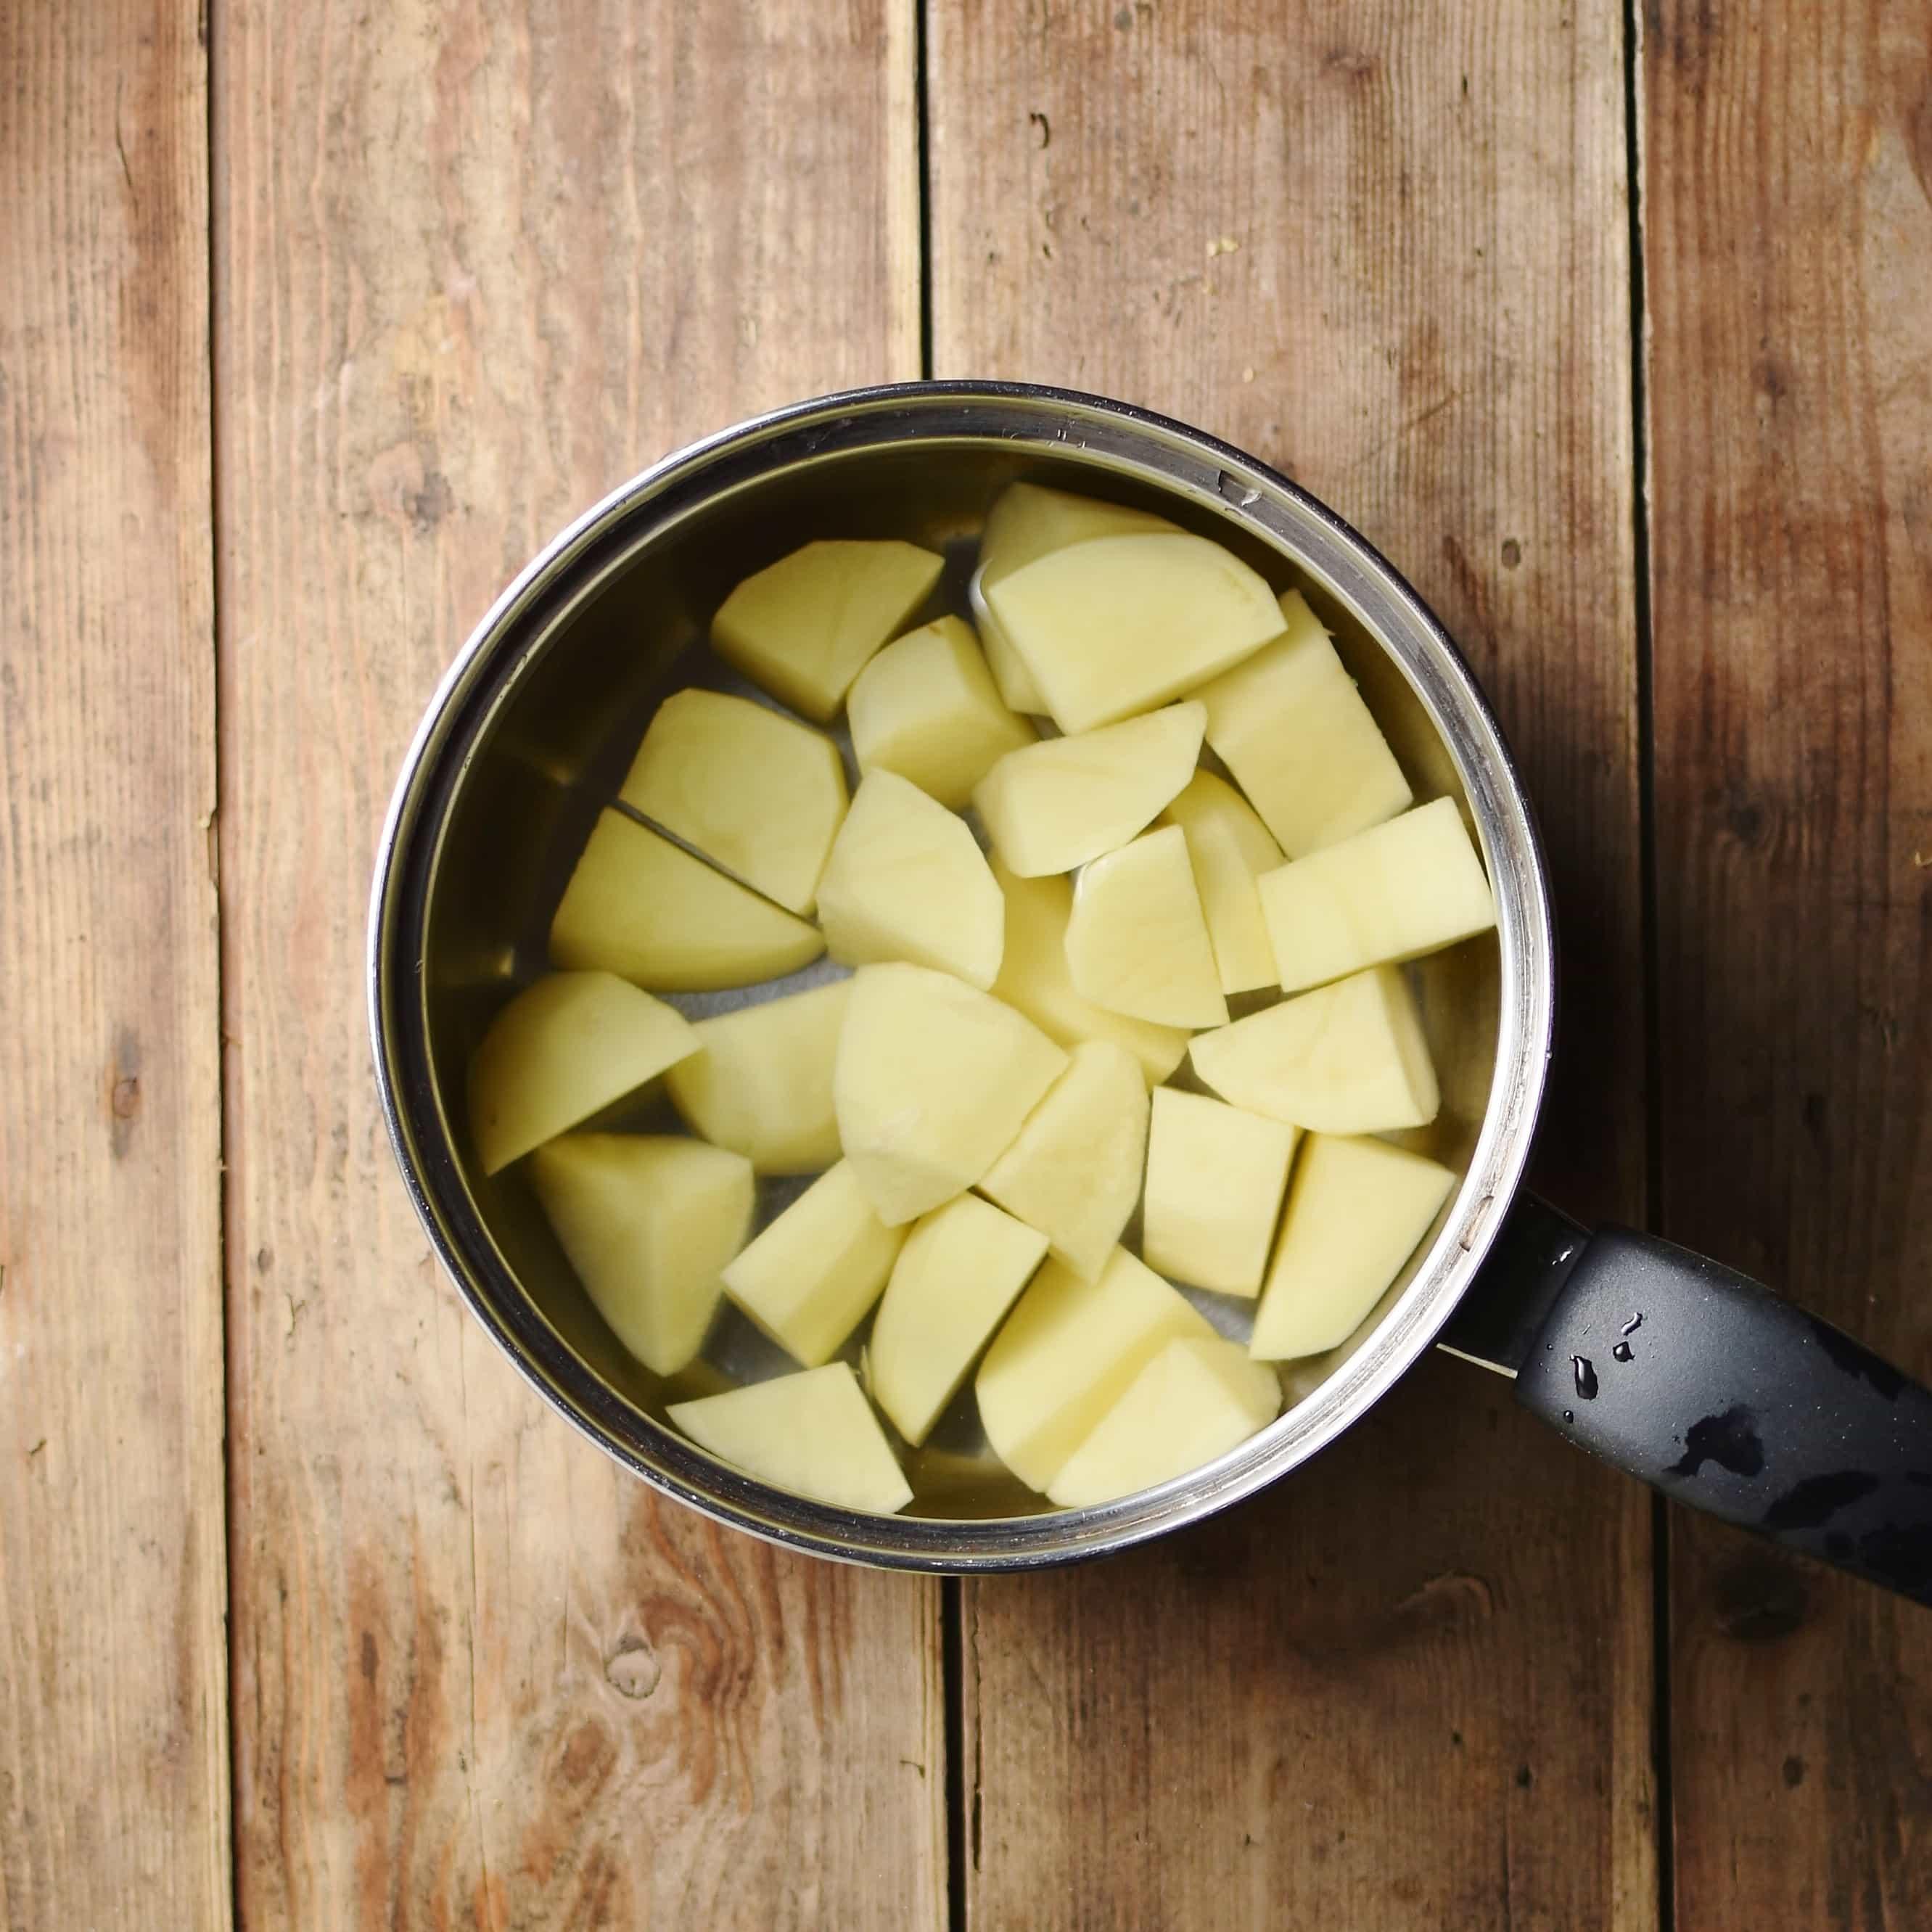 Cubed potatoes in water inside saucepan.